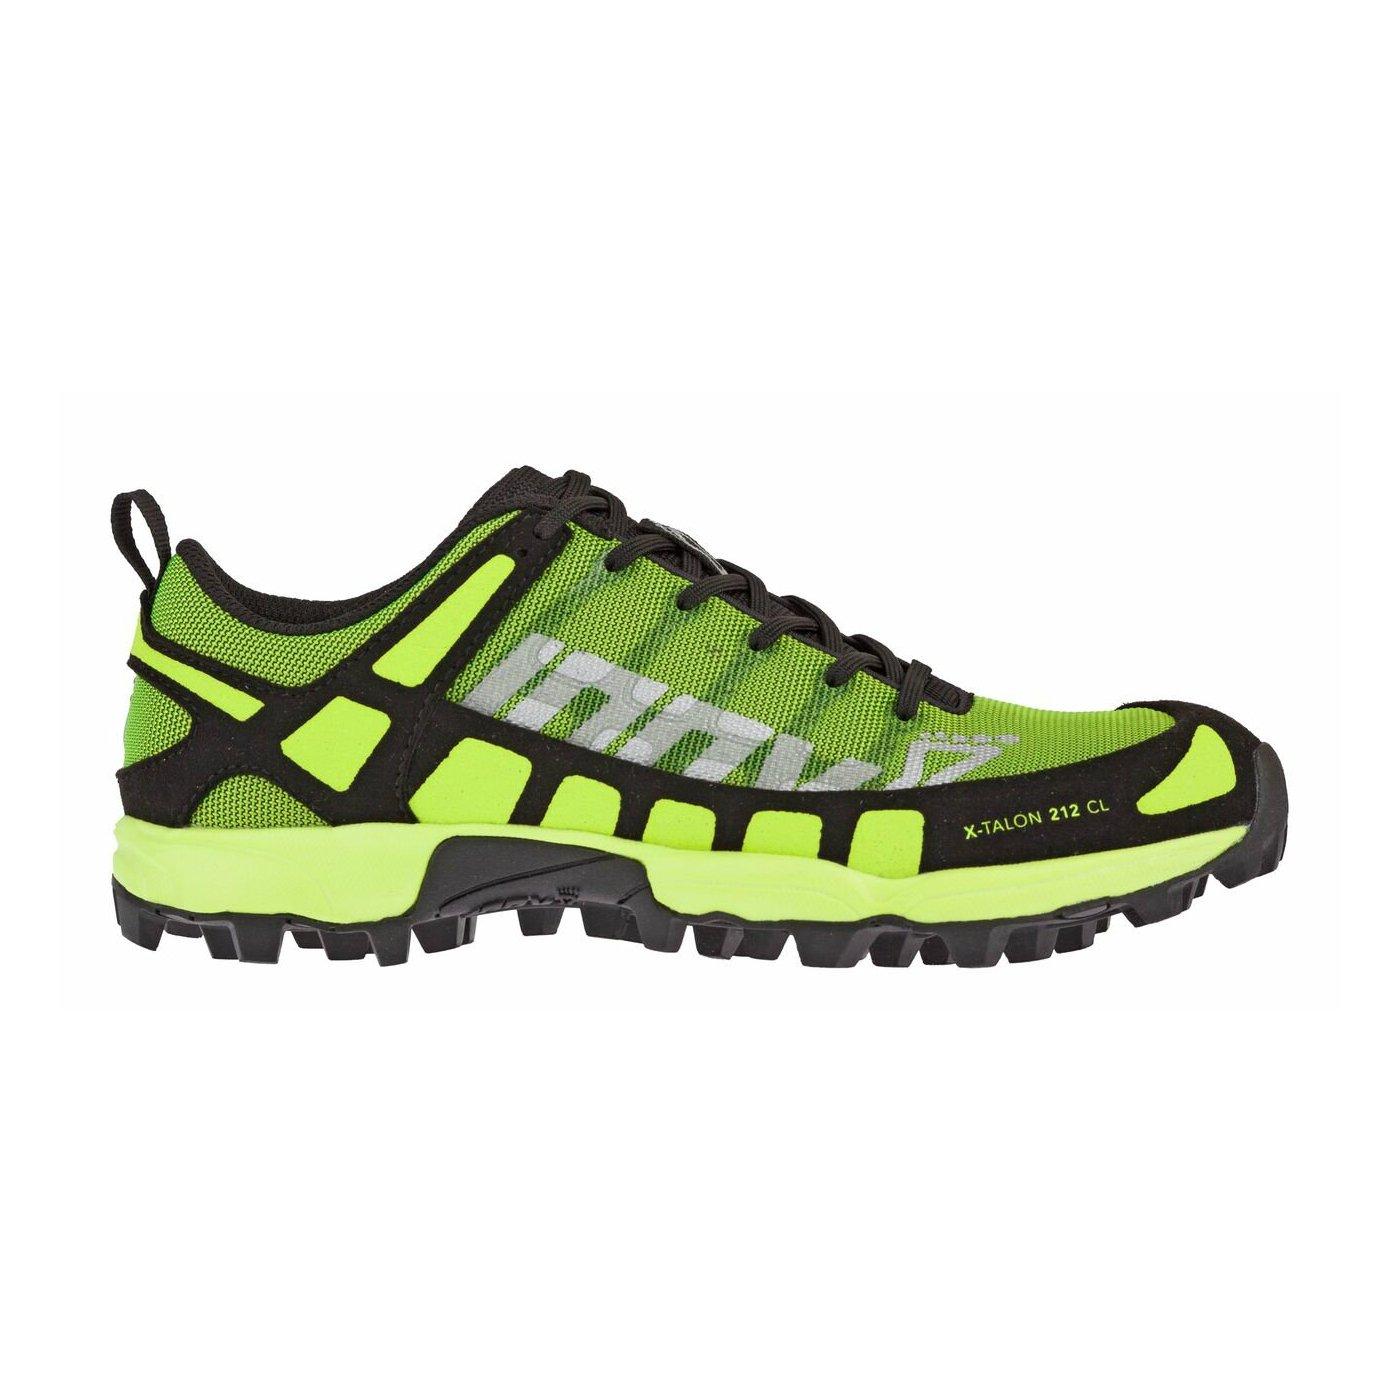 acbfd837c33 Trailová obuv   běh v přírodě - Actisport.cz